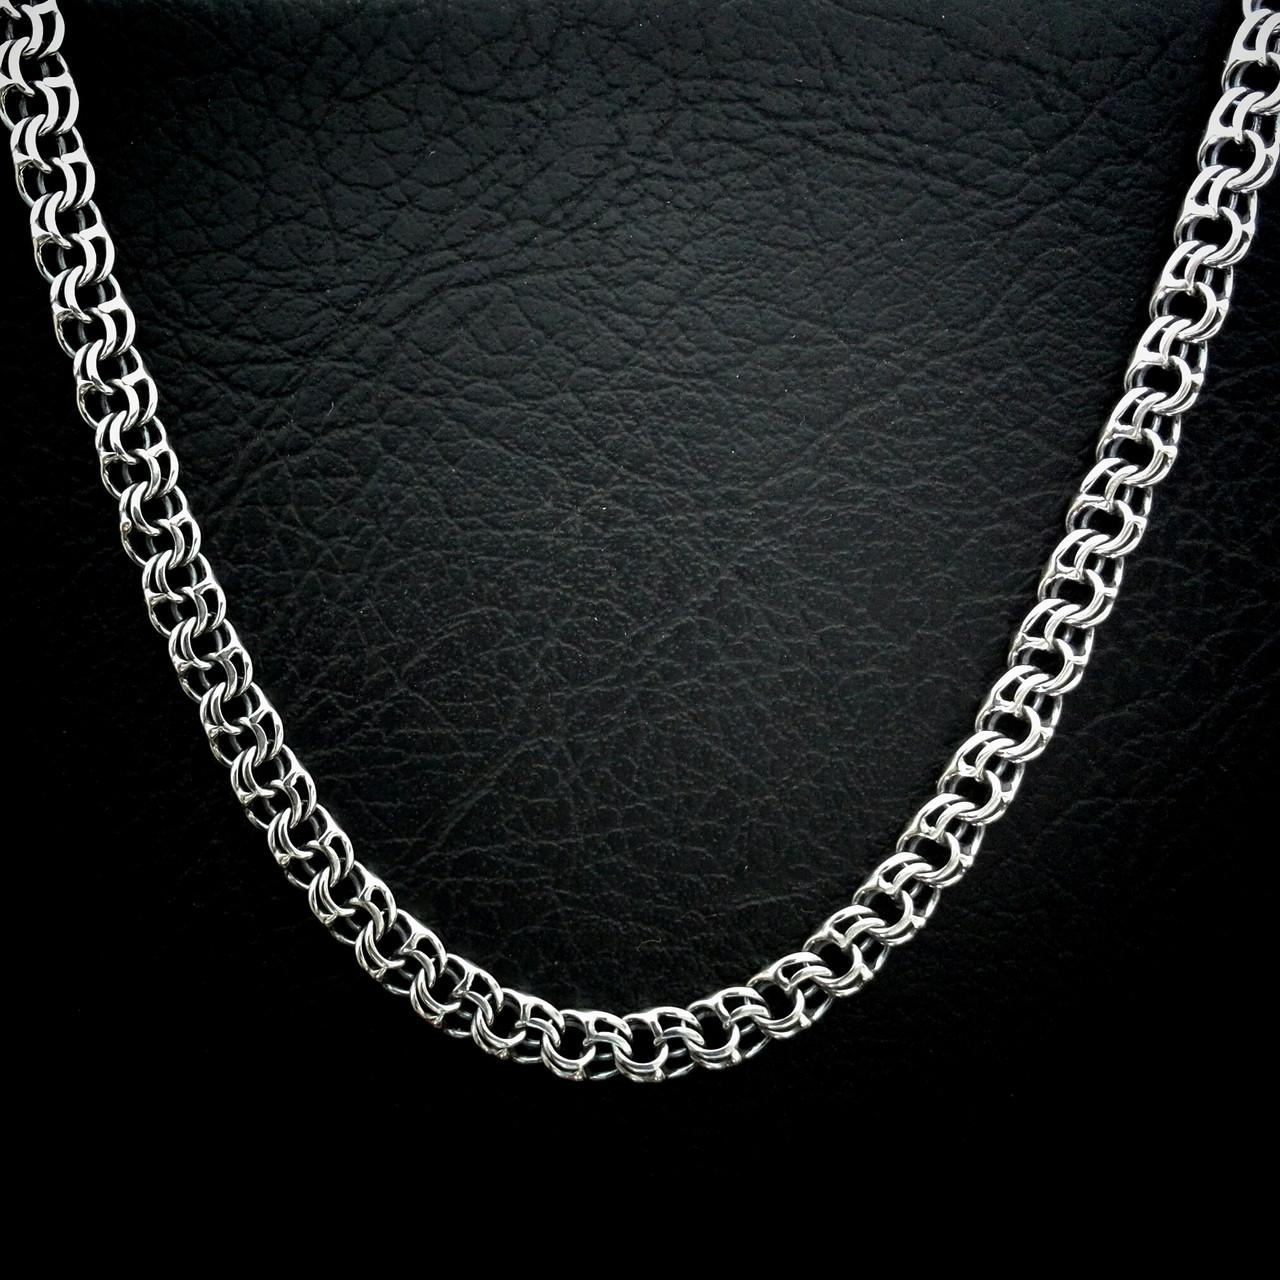 Серебряная мужская цепь, 550мм, 45 грамм, плетение Бисмарк